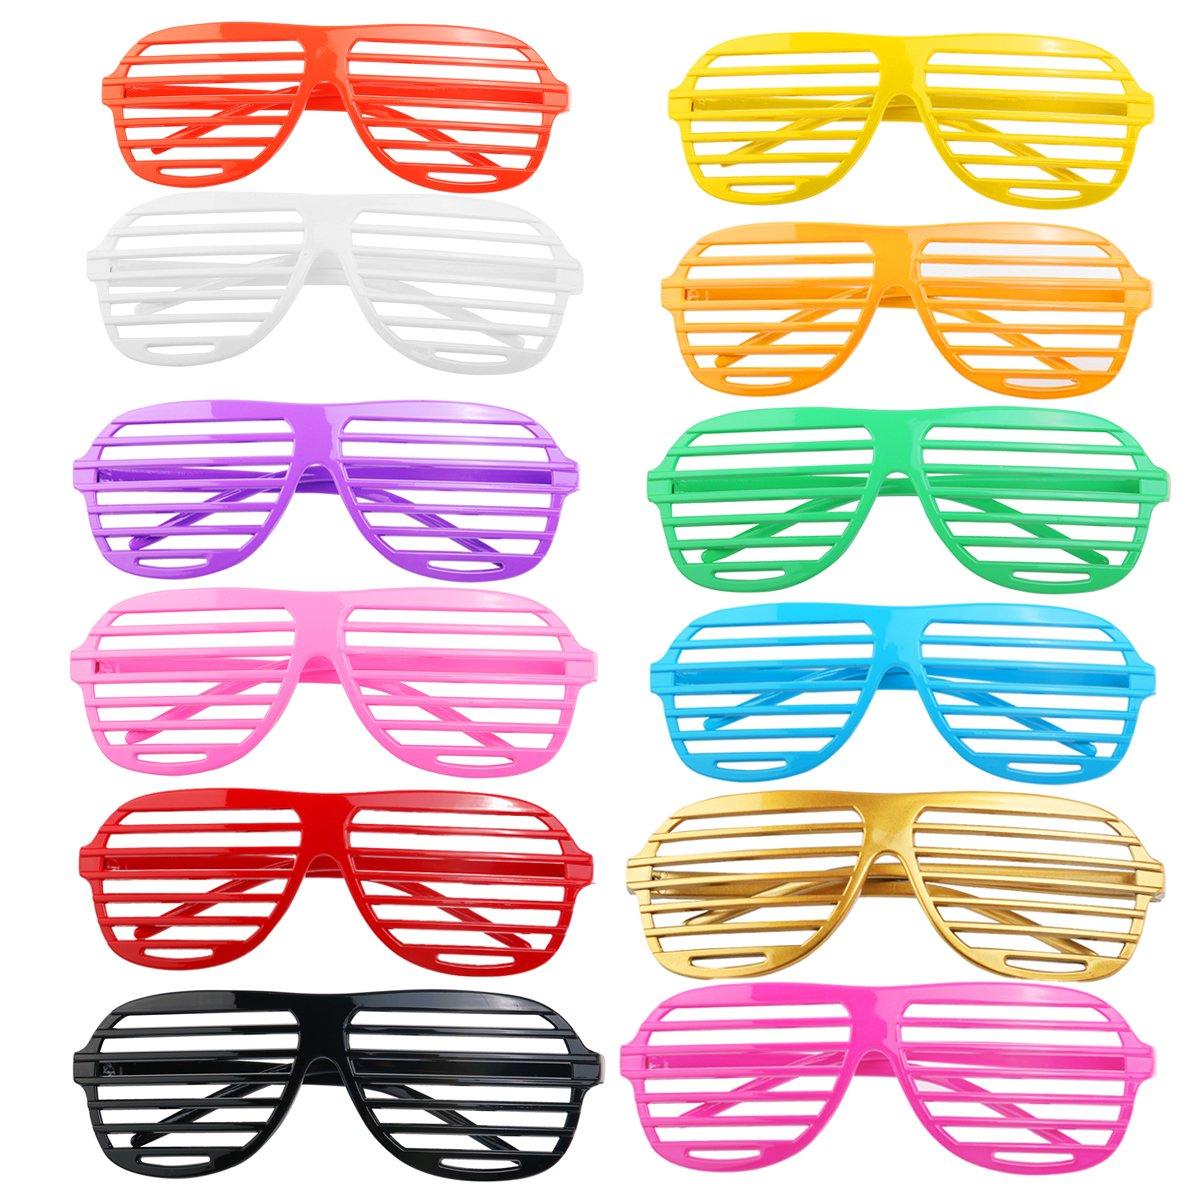 BESTOYARD 12Paires de Mode Obturateur Plastique Shades Lunettes de Soleil Eyewear Halloween Club fête Cosplay Props (Couleurs mélangées)